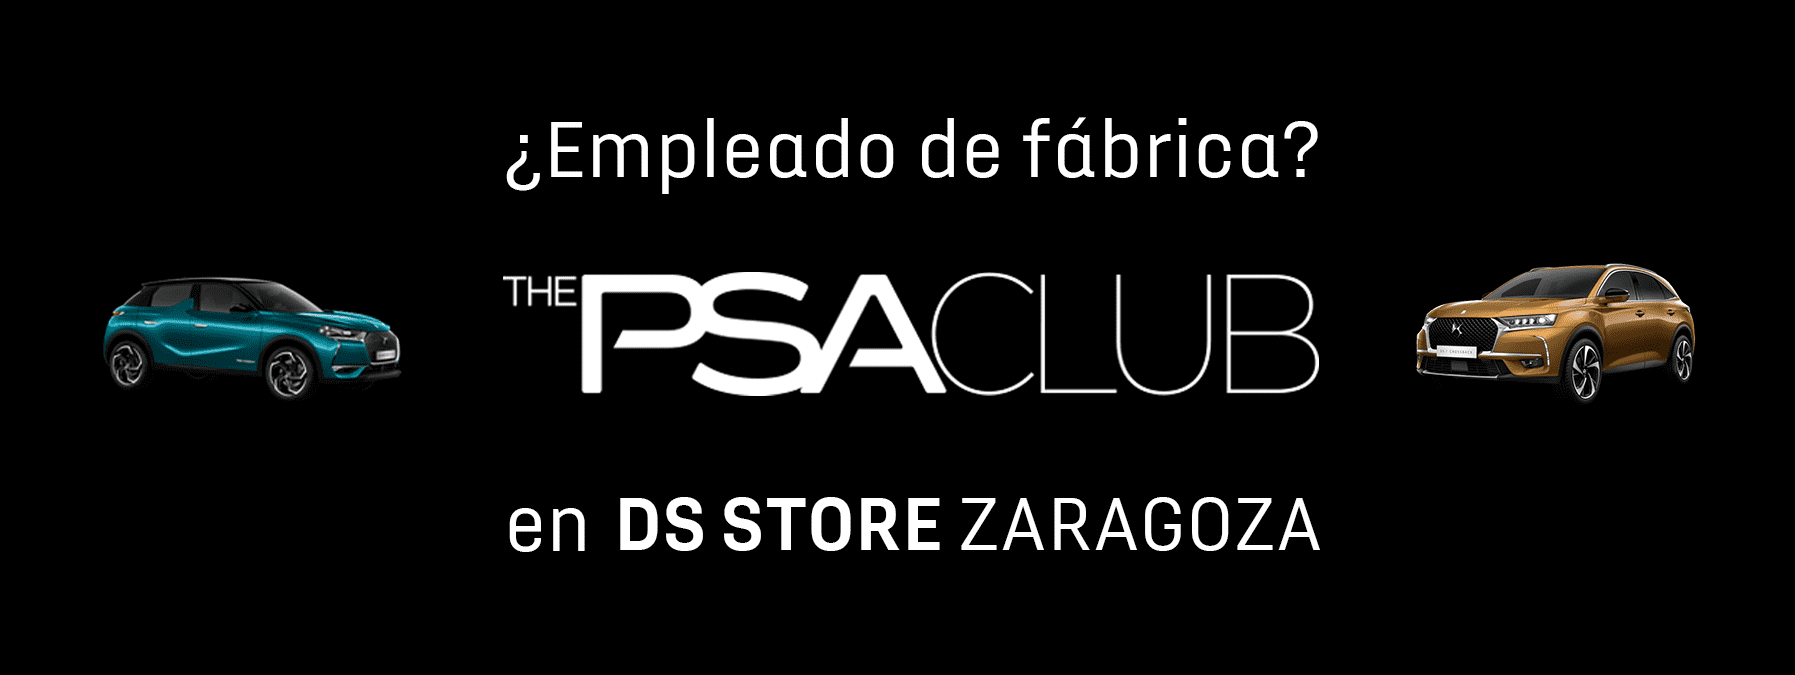 EMPLEADO DE FABRICA, ELIGE DS EN ZARAGOZA